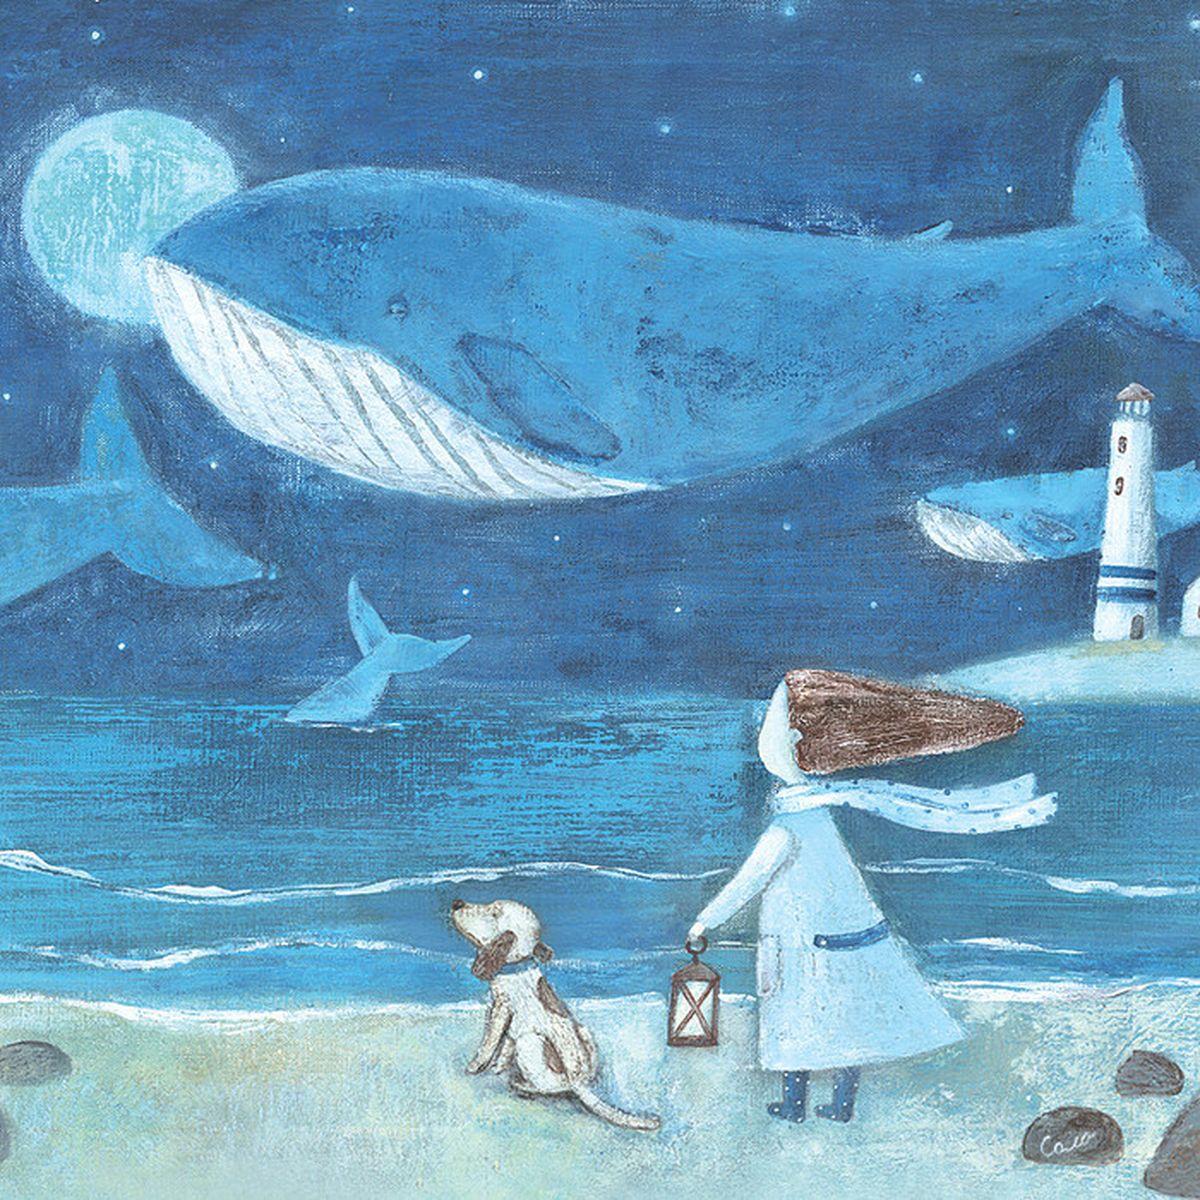 Открытка Полнолуние. Автор: Соловьева СветланаSvS10-019Оригинальная дизайнерская открытка «Полнолуние» выполнена из плотного матового картона. На лицевой стороне расположена репродукция картины художницы Светланы Соловьевой с изображением девушки, смотрящей на полет китов над океаном.Такая открытка станет великолепным дополнением к новогоднему подарку или оригинальным почтовым посланием, которое, несомненно, удивит получателя своим дизайном и подарит приятные воспоминания.